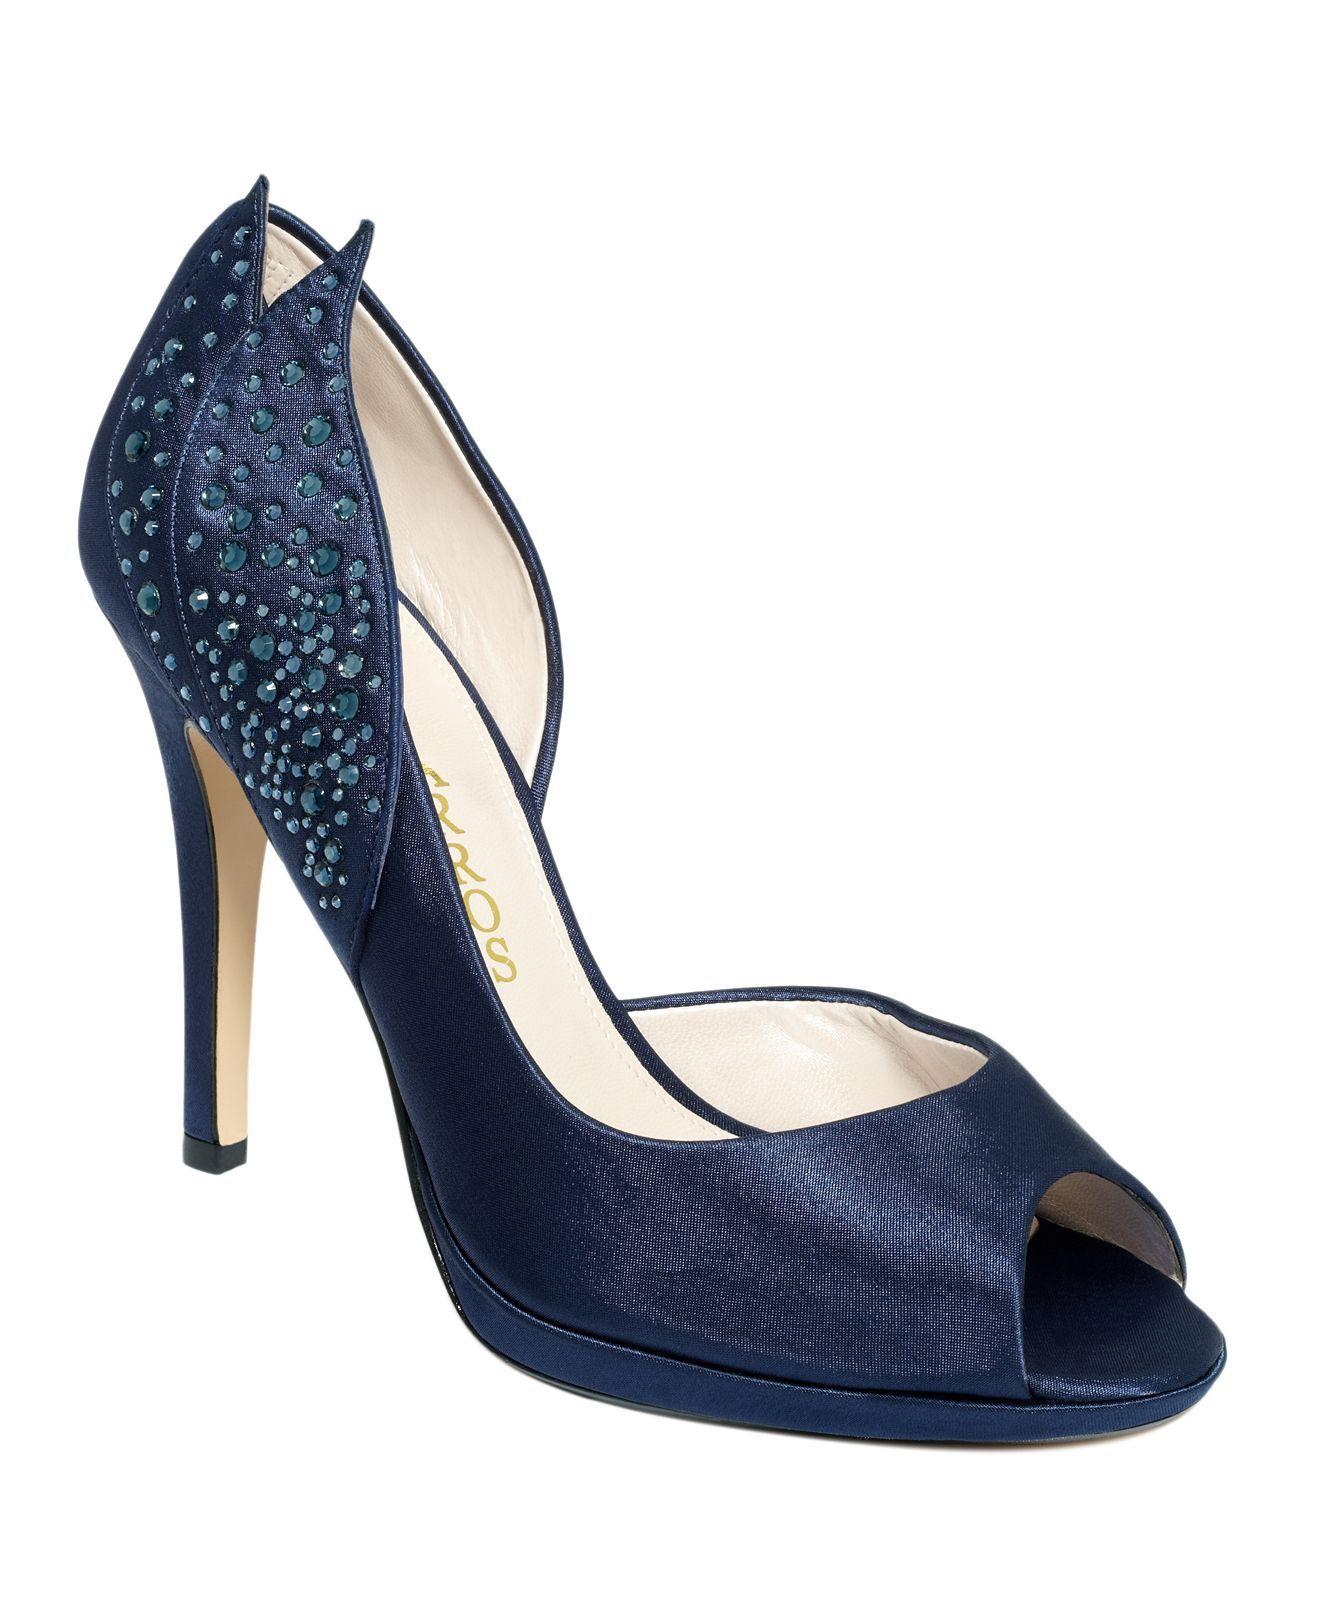 More blue shoe options wedding ideas pinterest blue shoes